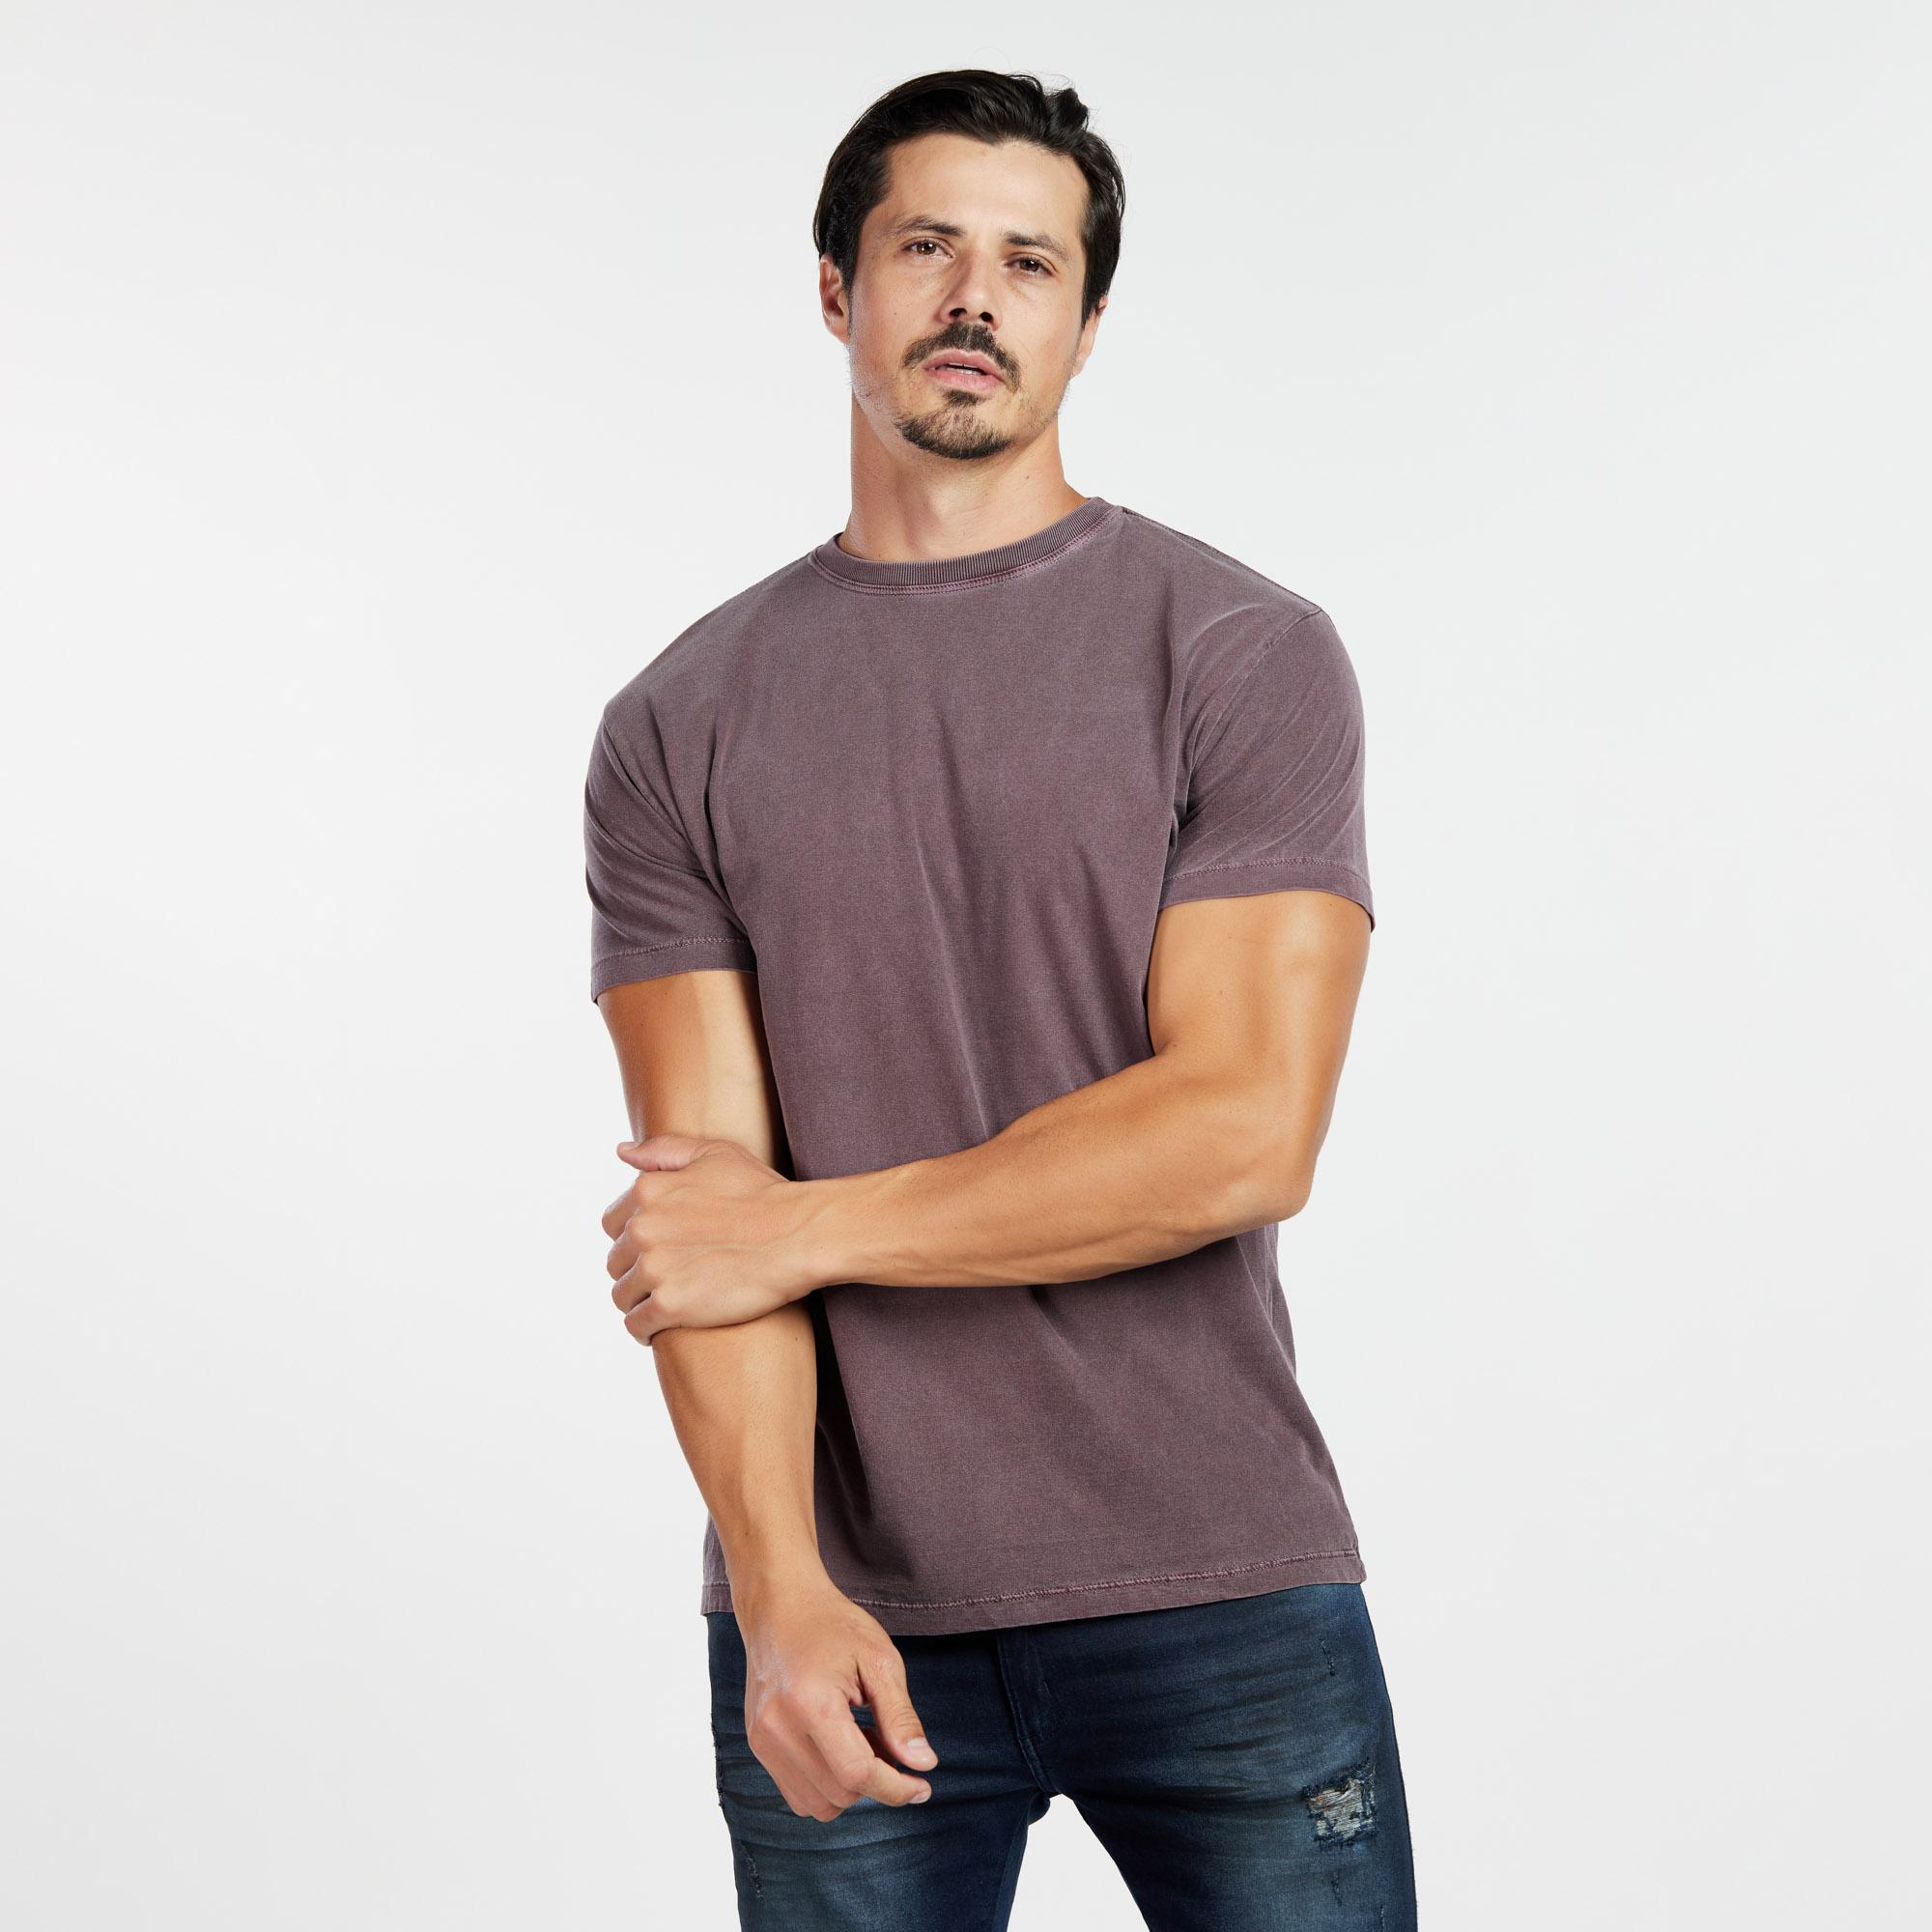 Camiseta Masculina Estonada Bordo